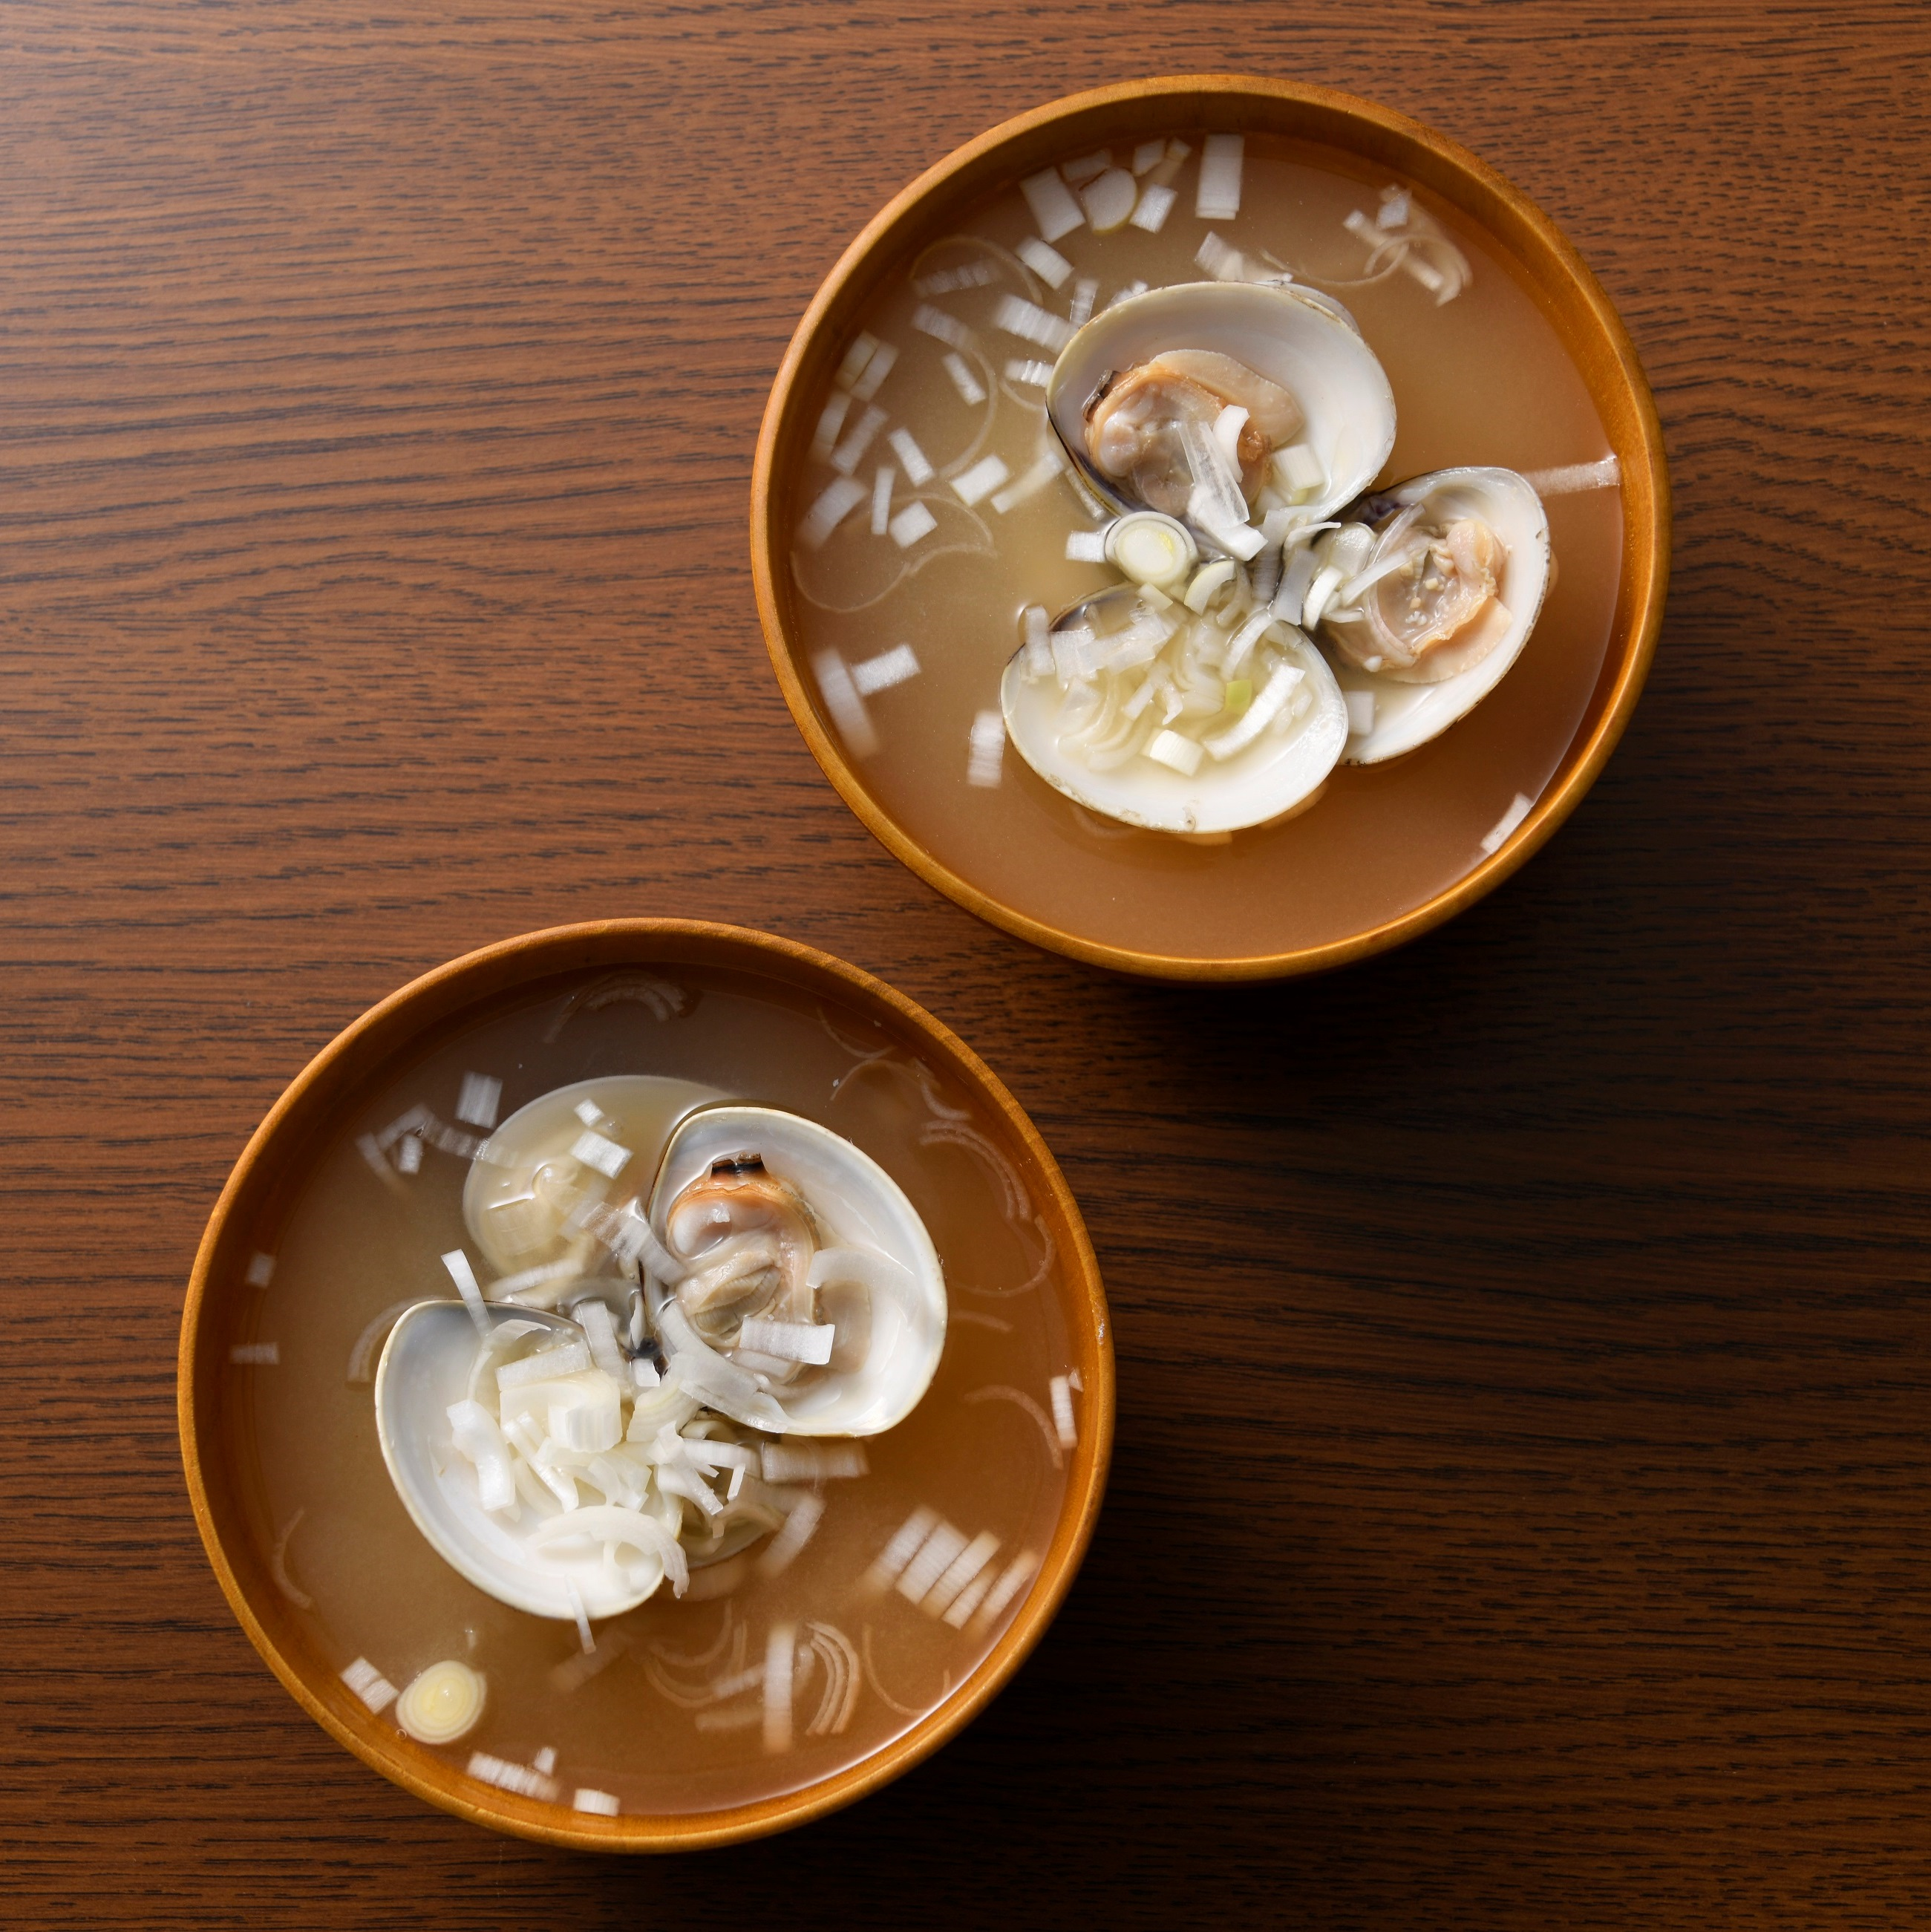 ハマグリの味噌汁